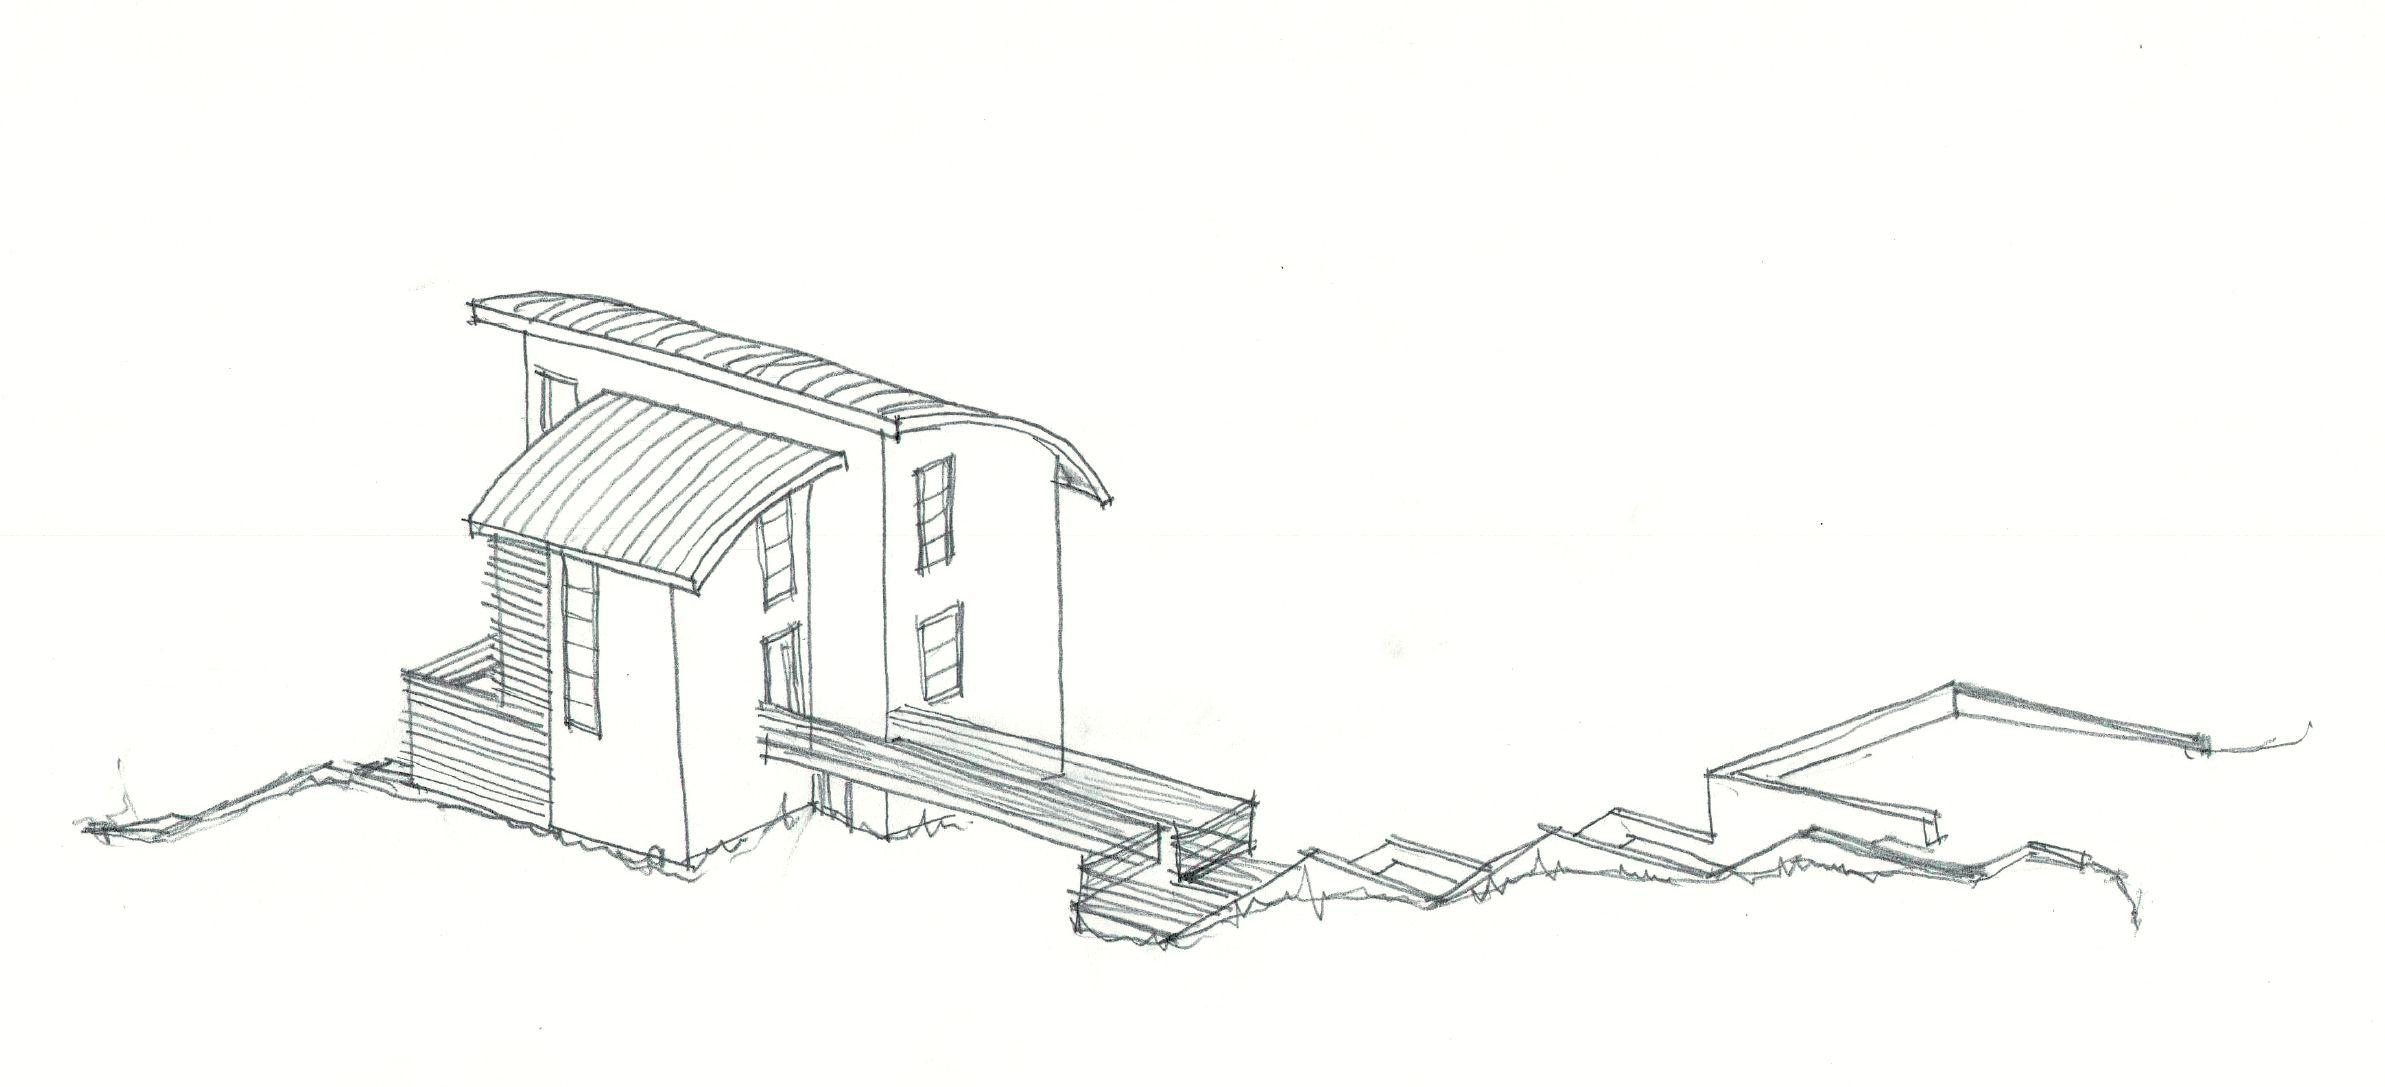 Camano Sketch.jpg